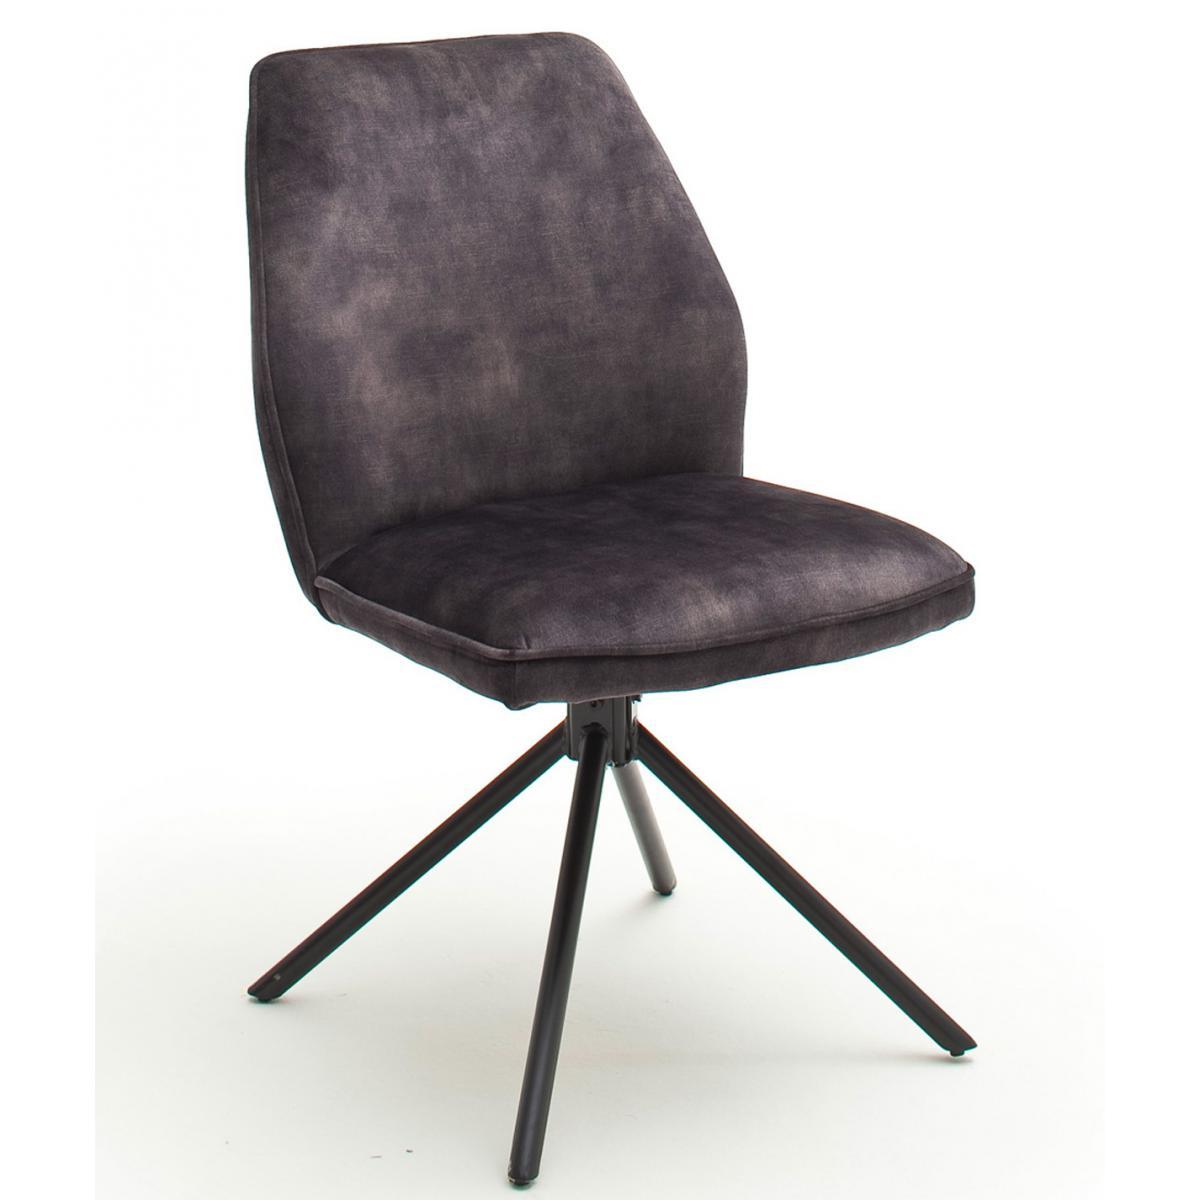 Pegane Chaise de salle à manger en tissu aspect velours anthracite - L.54 x H.89 x P.64 cm -PEGANE-